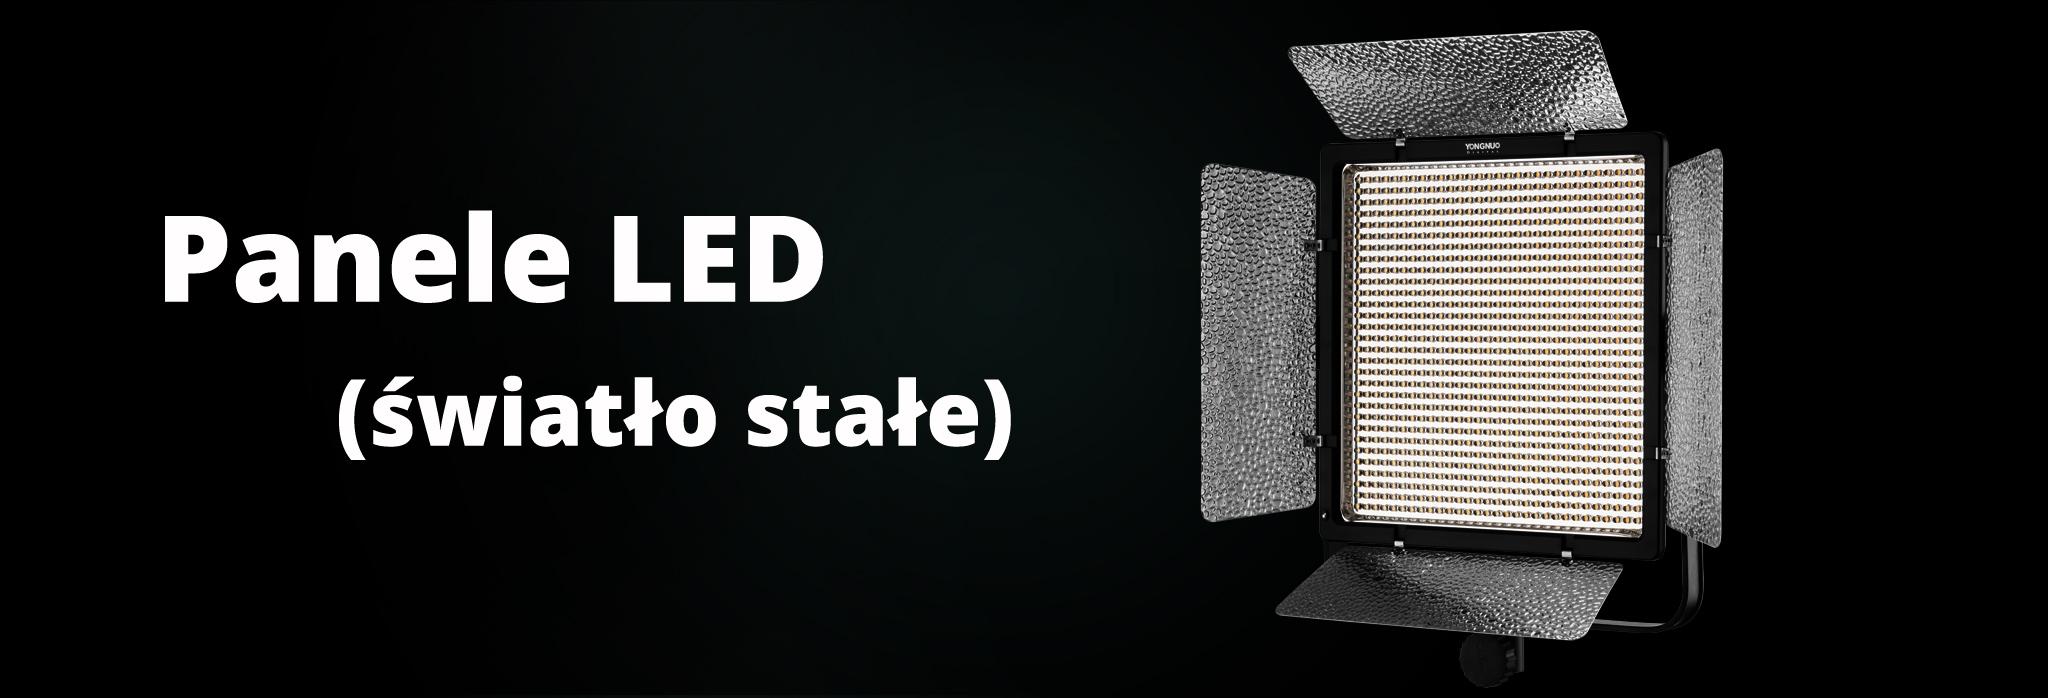 Panele LED - lampy plenerowe światła stałego